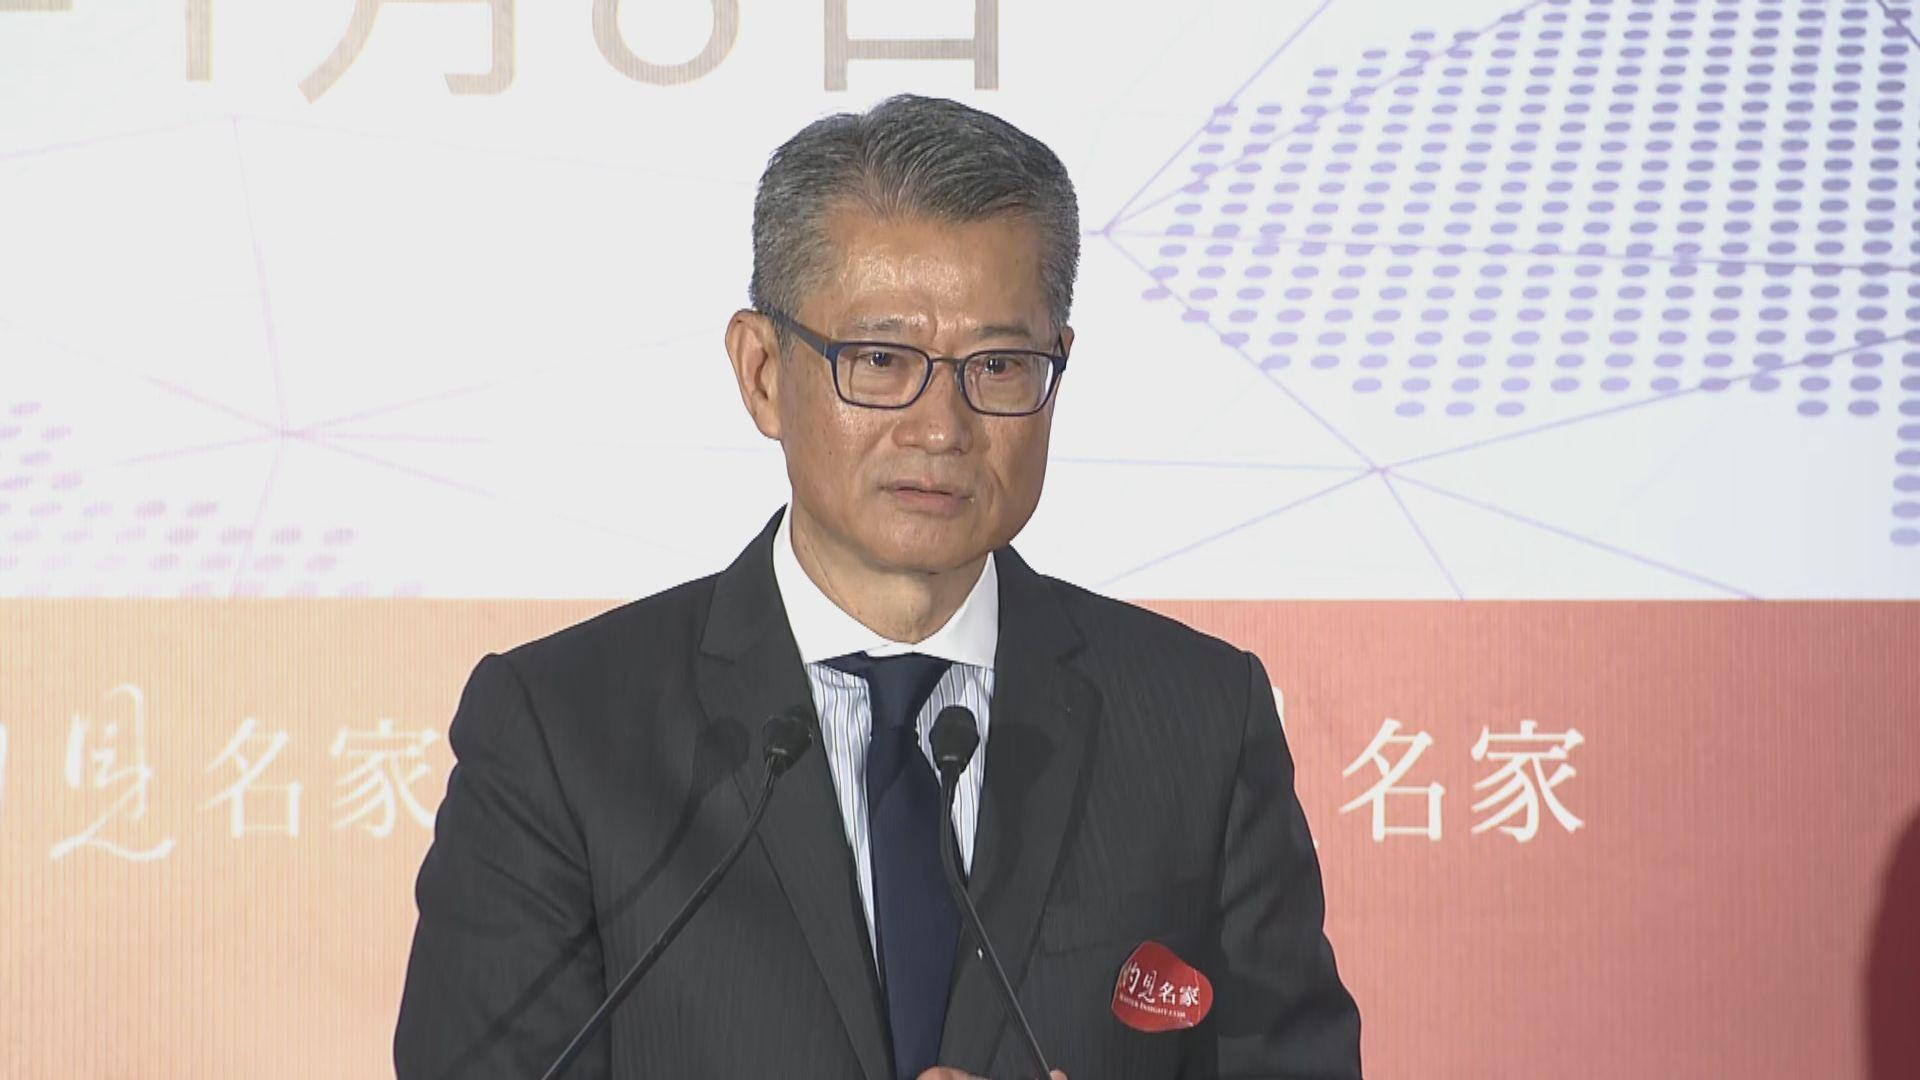 陳茂波:2020年經濟環境難言樂觀